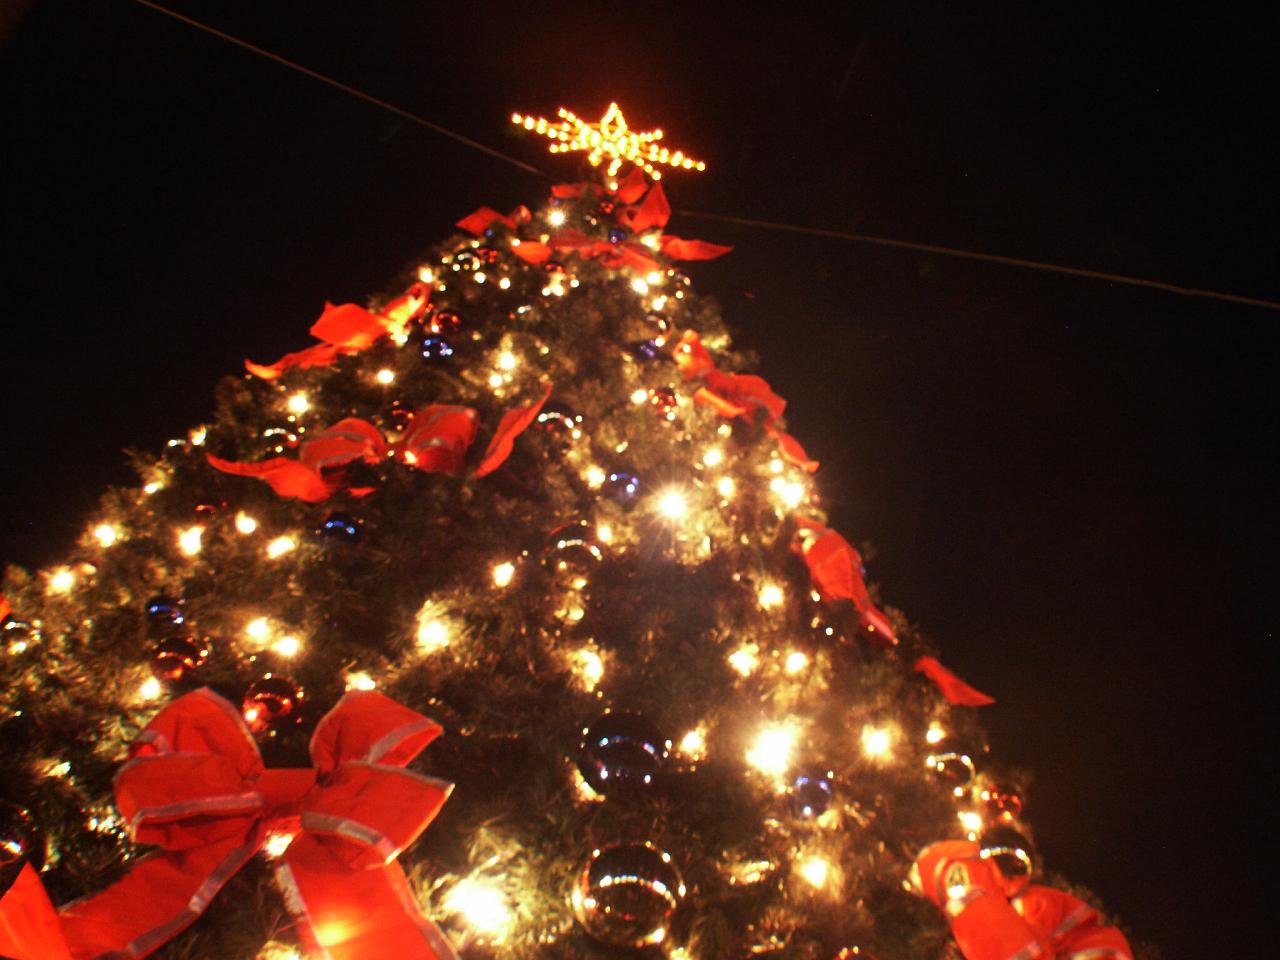 Juletræet tændes på Stændertorvet